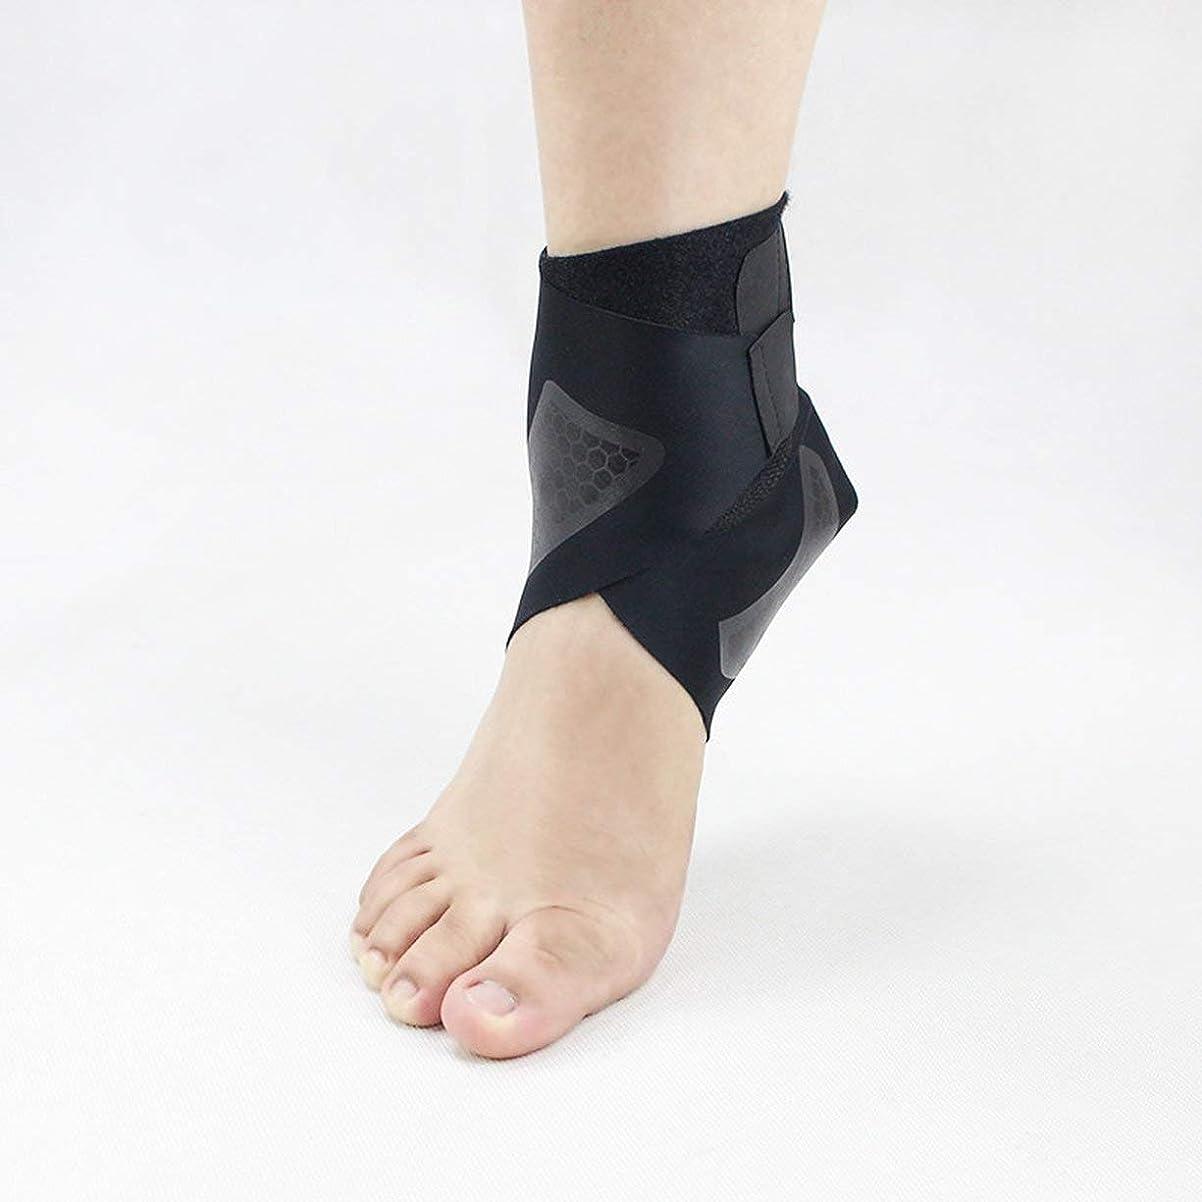 お尻罰応じるフットケアステッカー応急処置柔軟な防水テープアンチブリスターハイヒールヒールステッカー鎮痛ステッカー - 肌